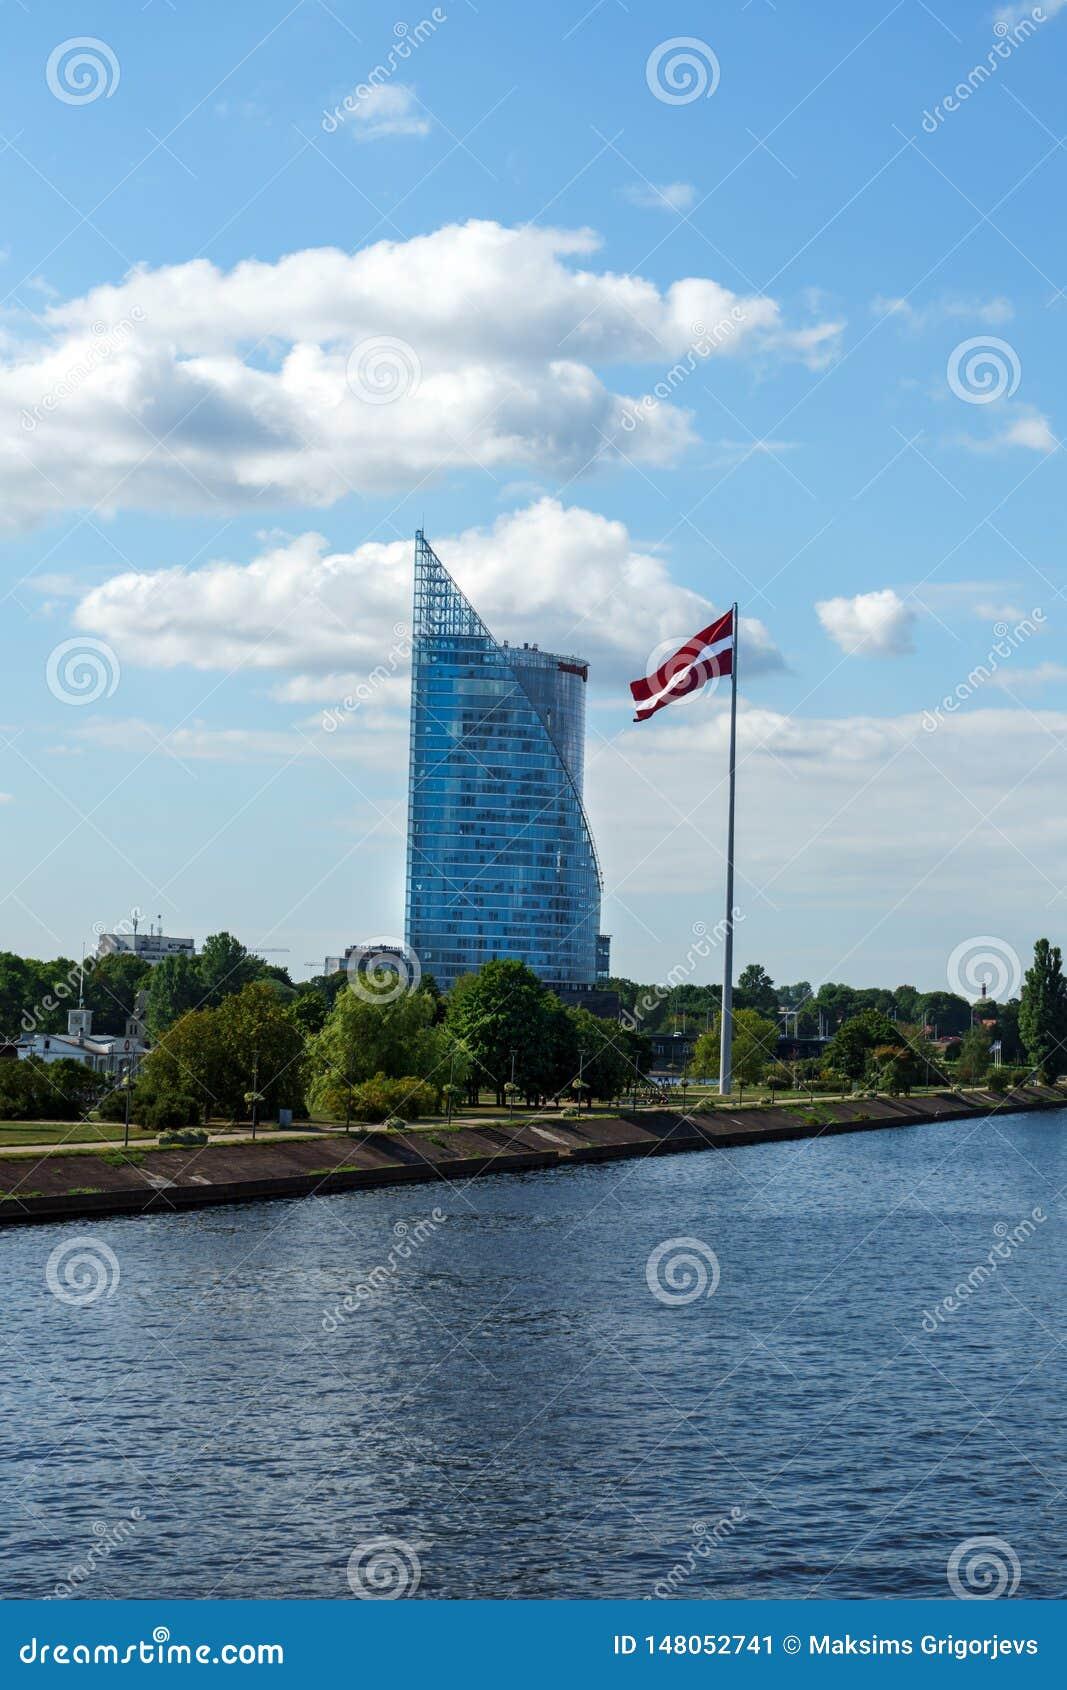 Σύγχρονος ουρανοξύστης γυαλιού του γραφείου Swedbank και της λετονικής σημαίας ενάντια στο μπλε ουρανό στην πόλη της Ρήγας, Λετον